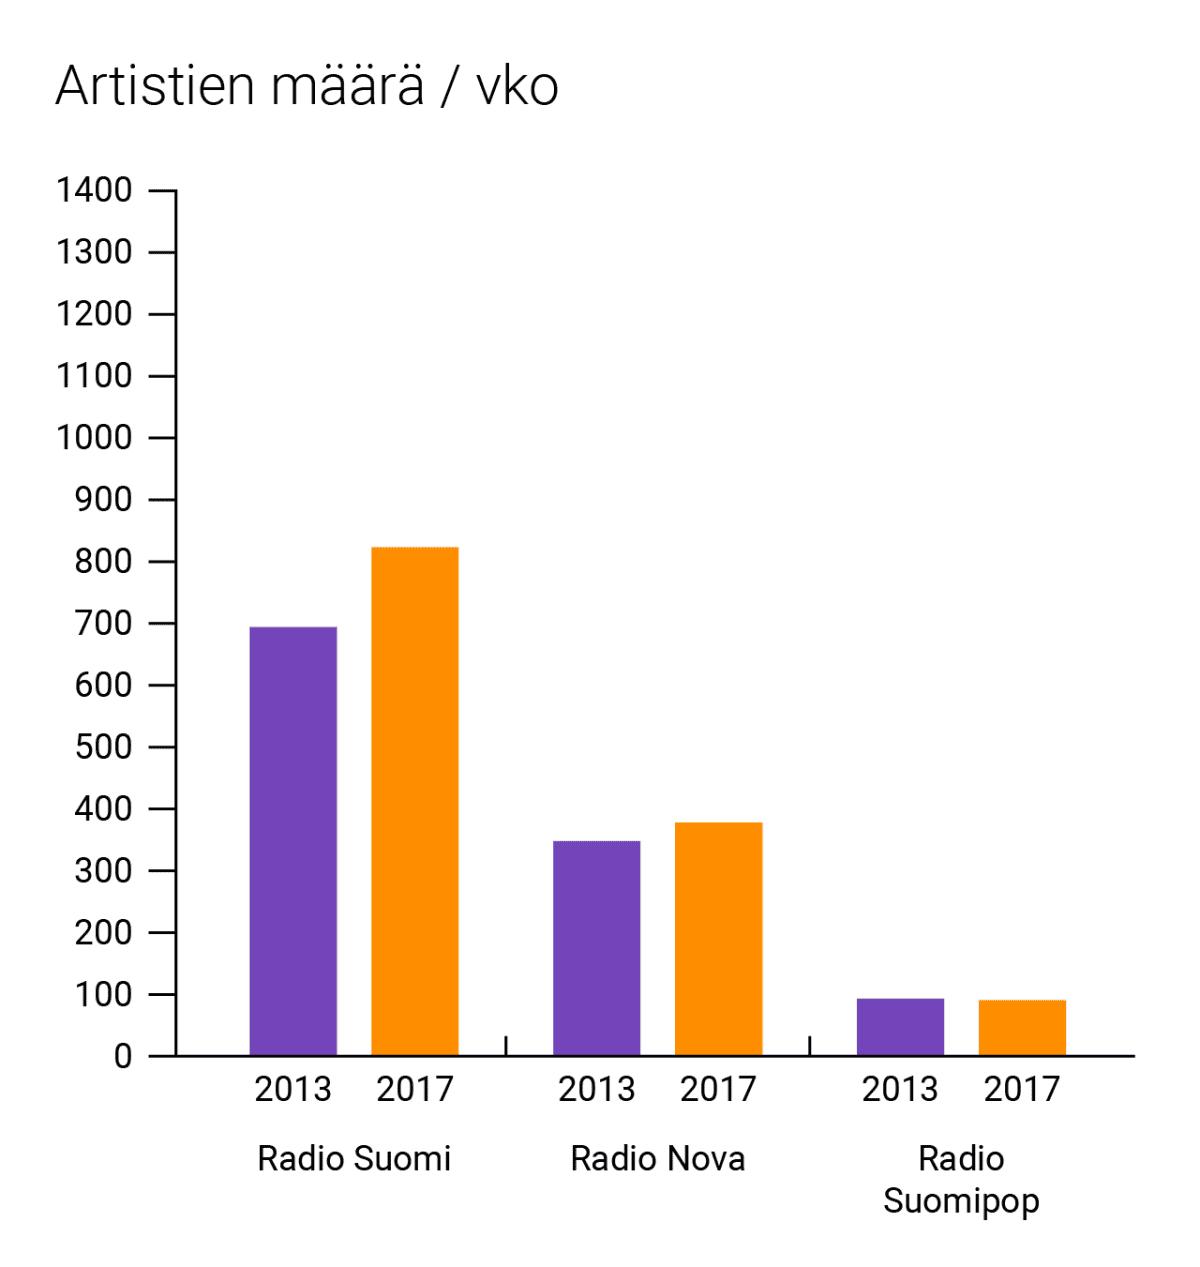 Artistien määrä per viikko, grafiikka